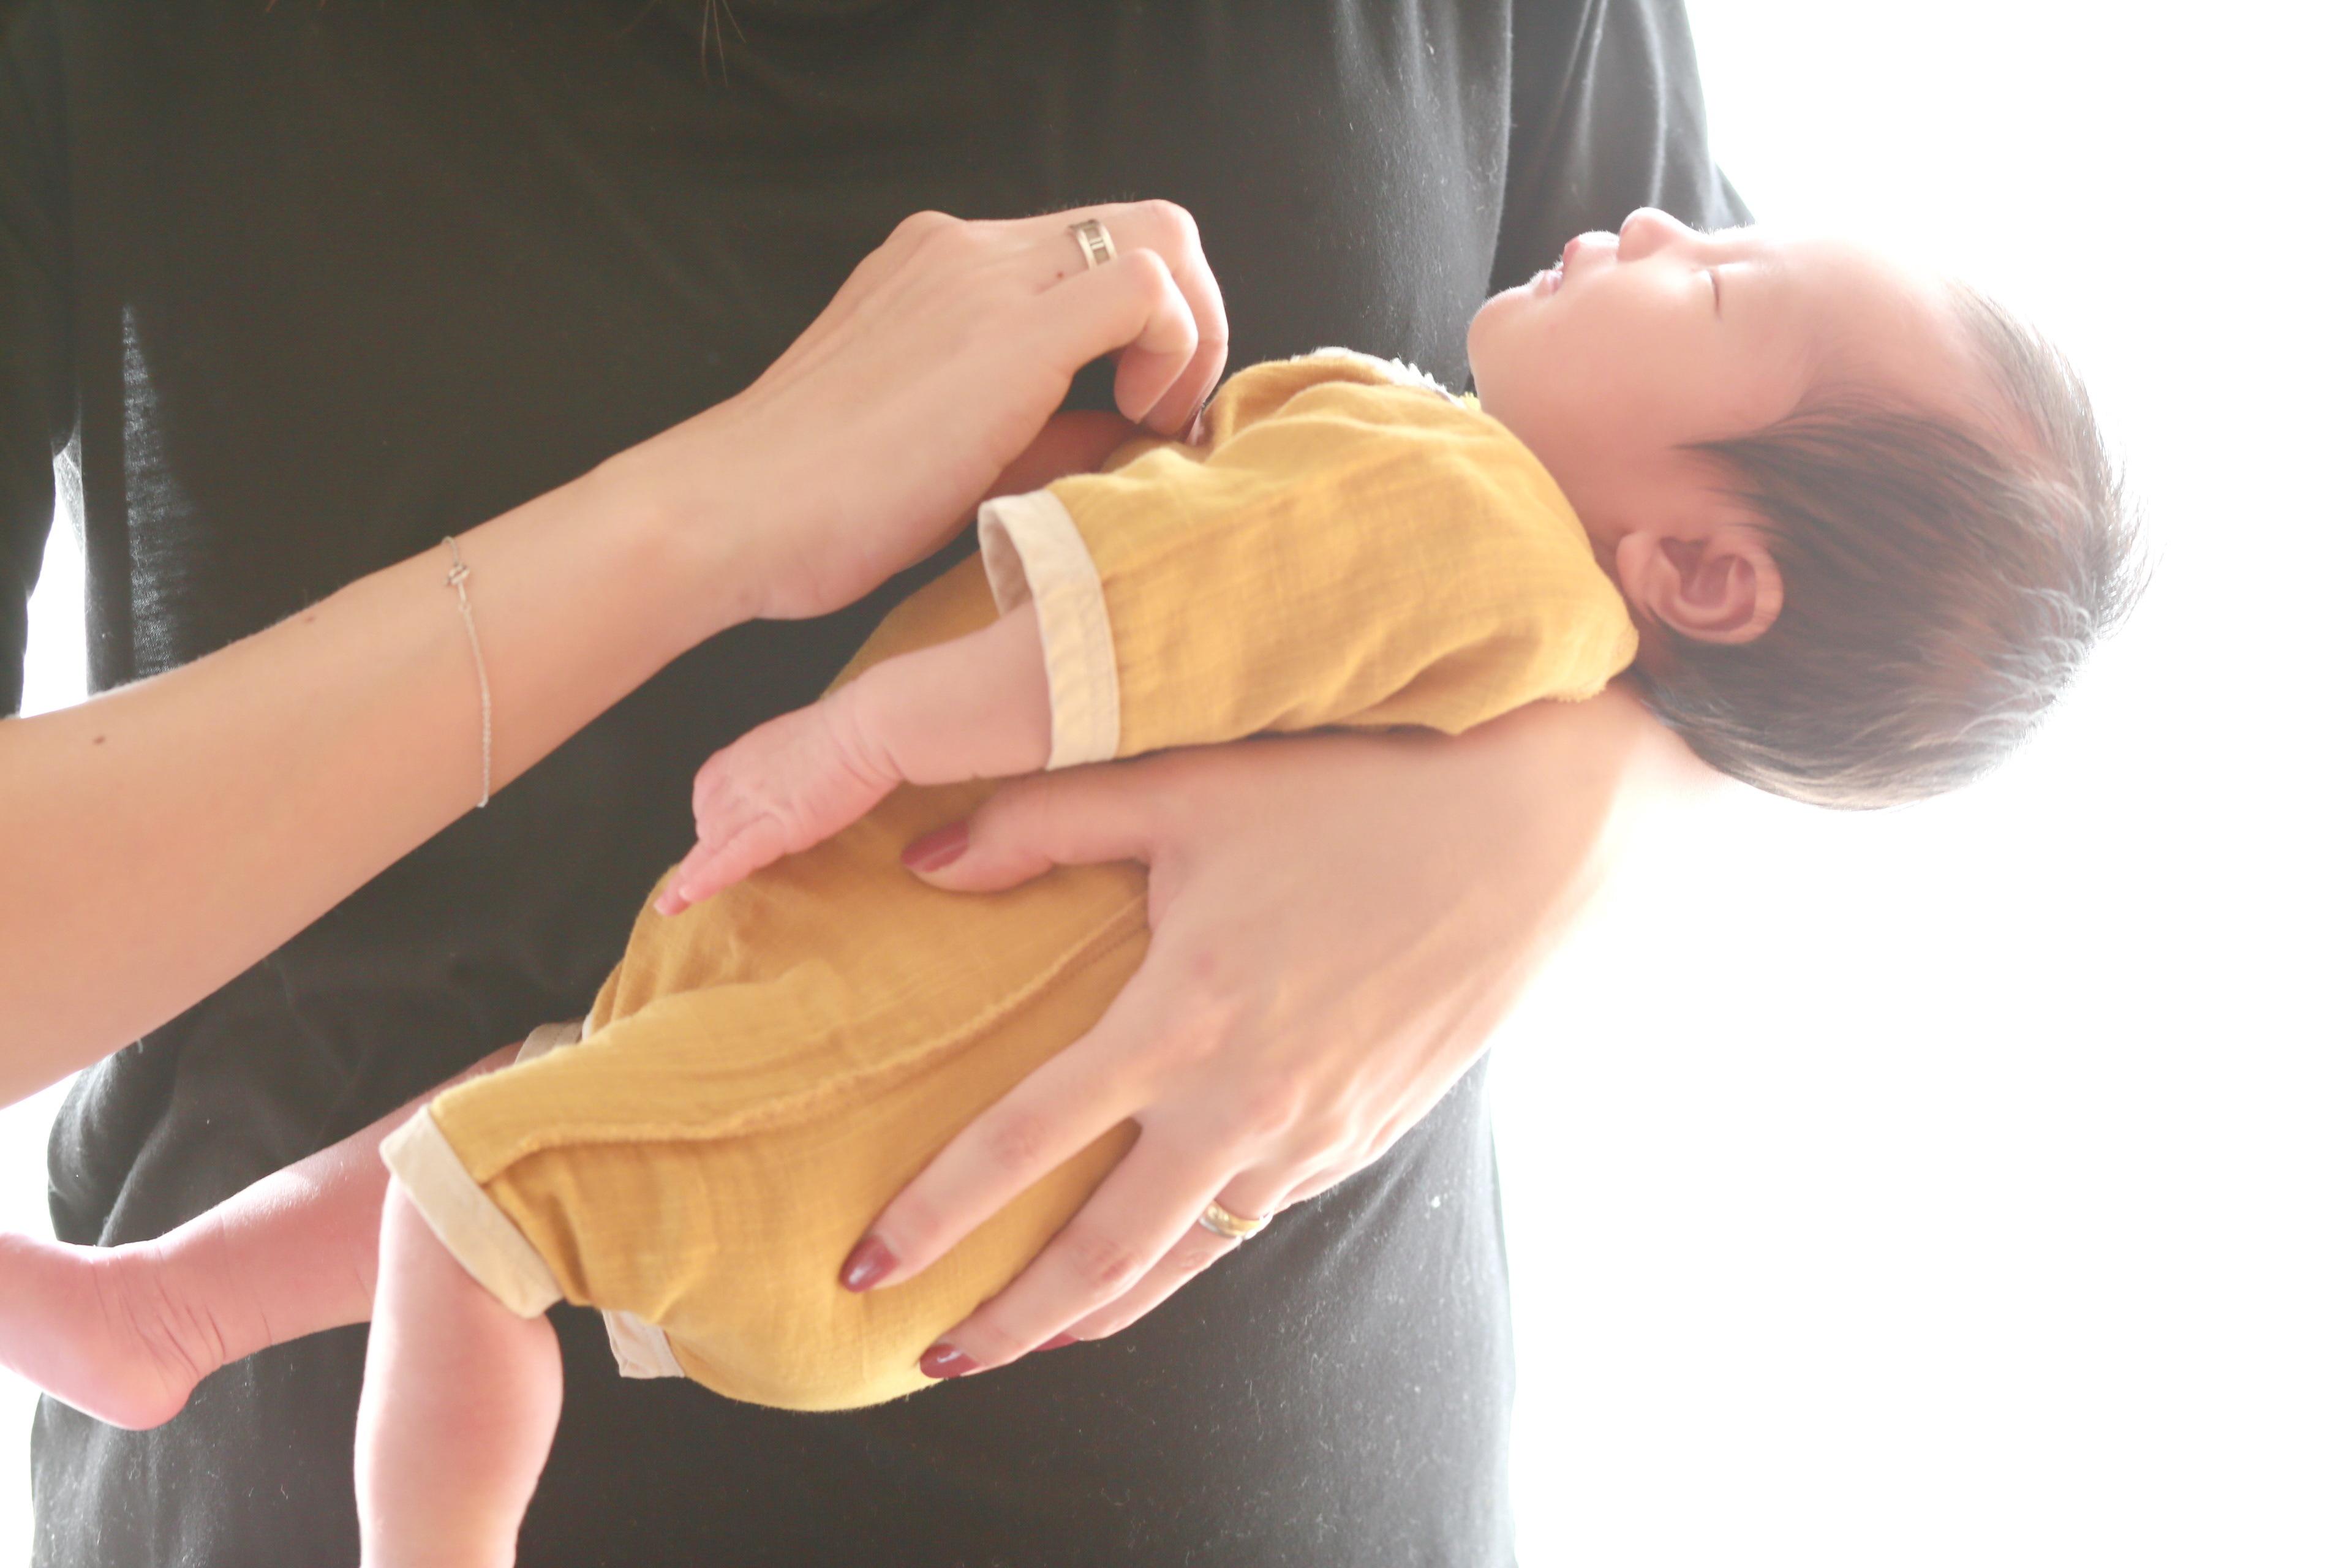 6969d12055622 ベビーコンビ肌着 未熟児 プリミーサイズ イエロー